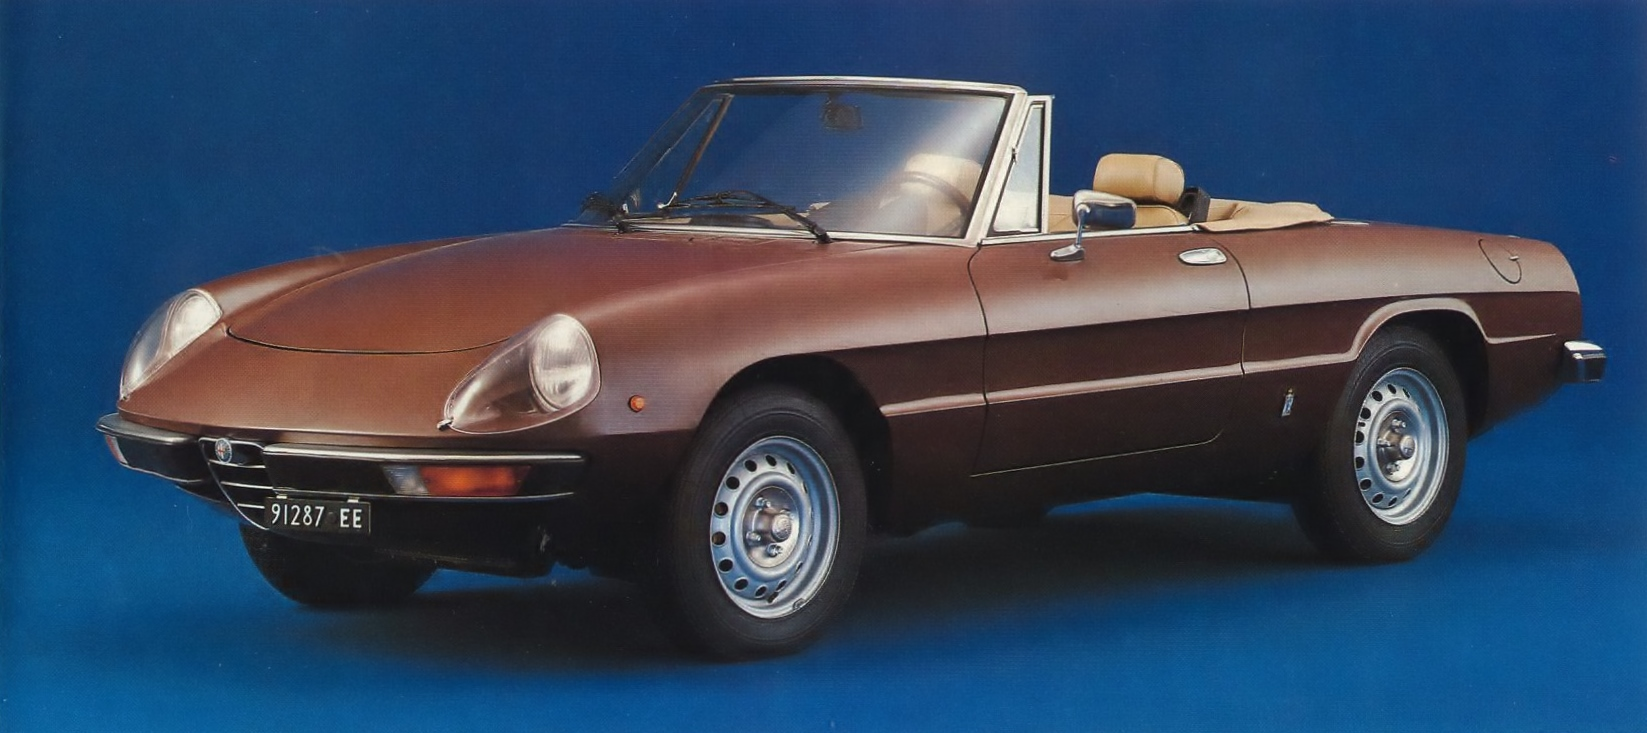 1971 Cabrio - 2000 Spider Veloce